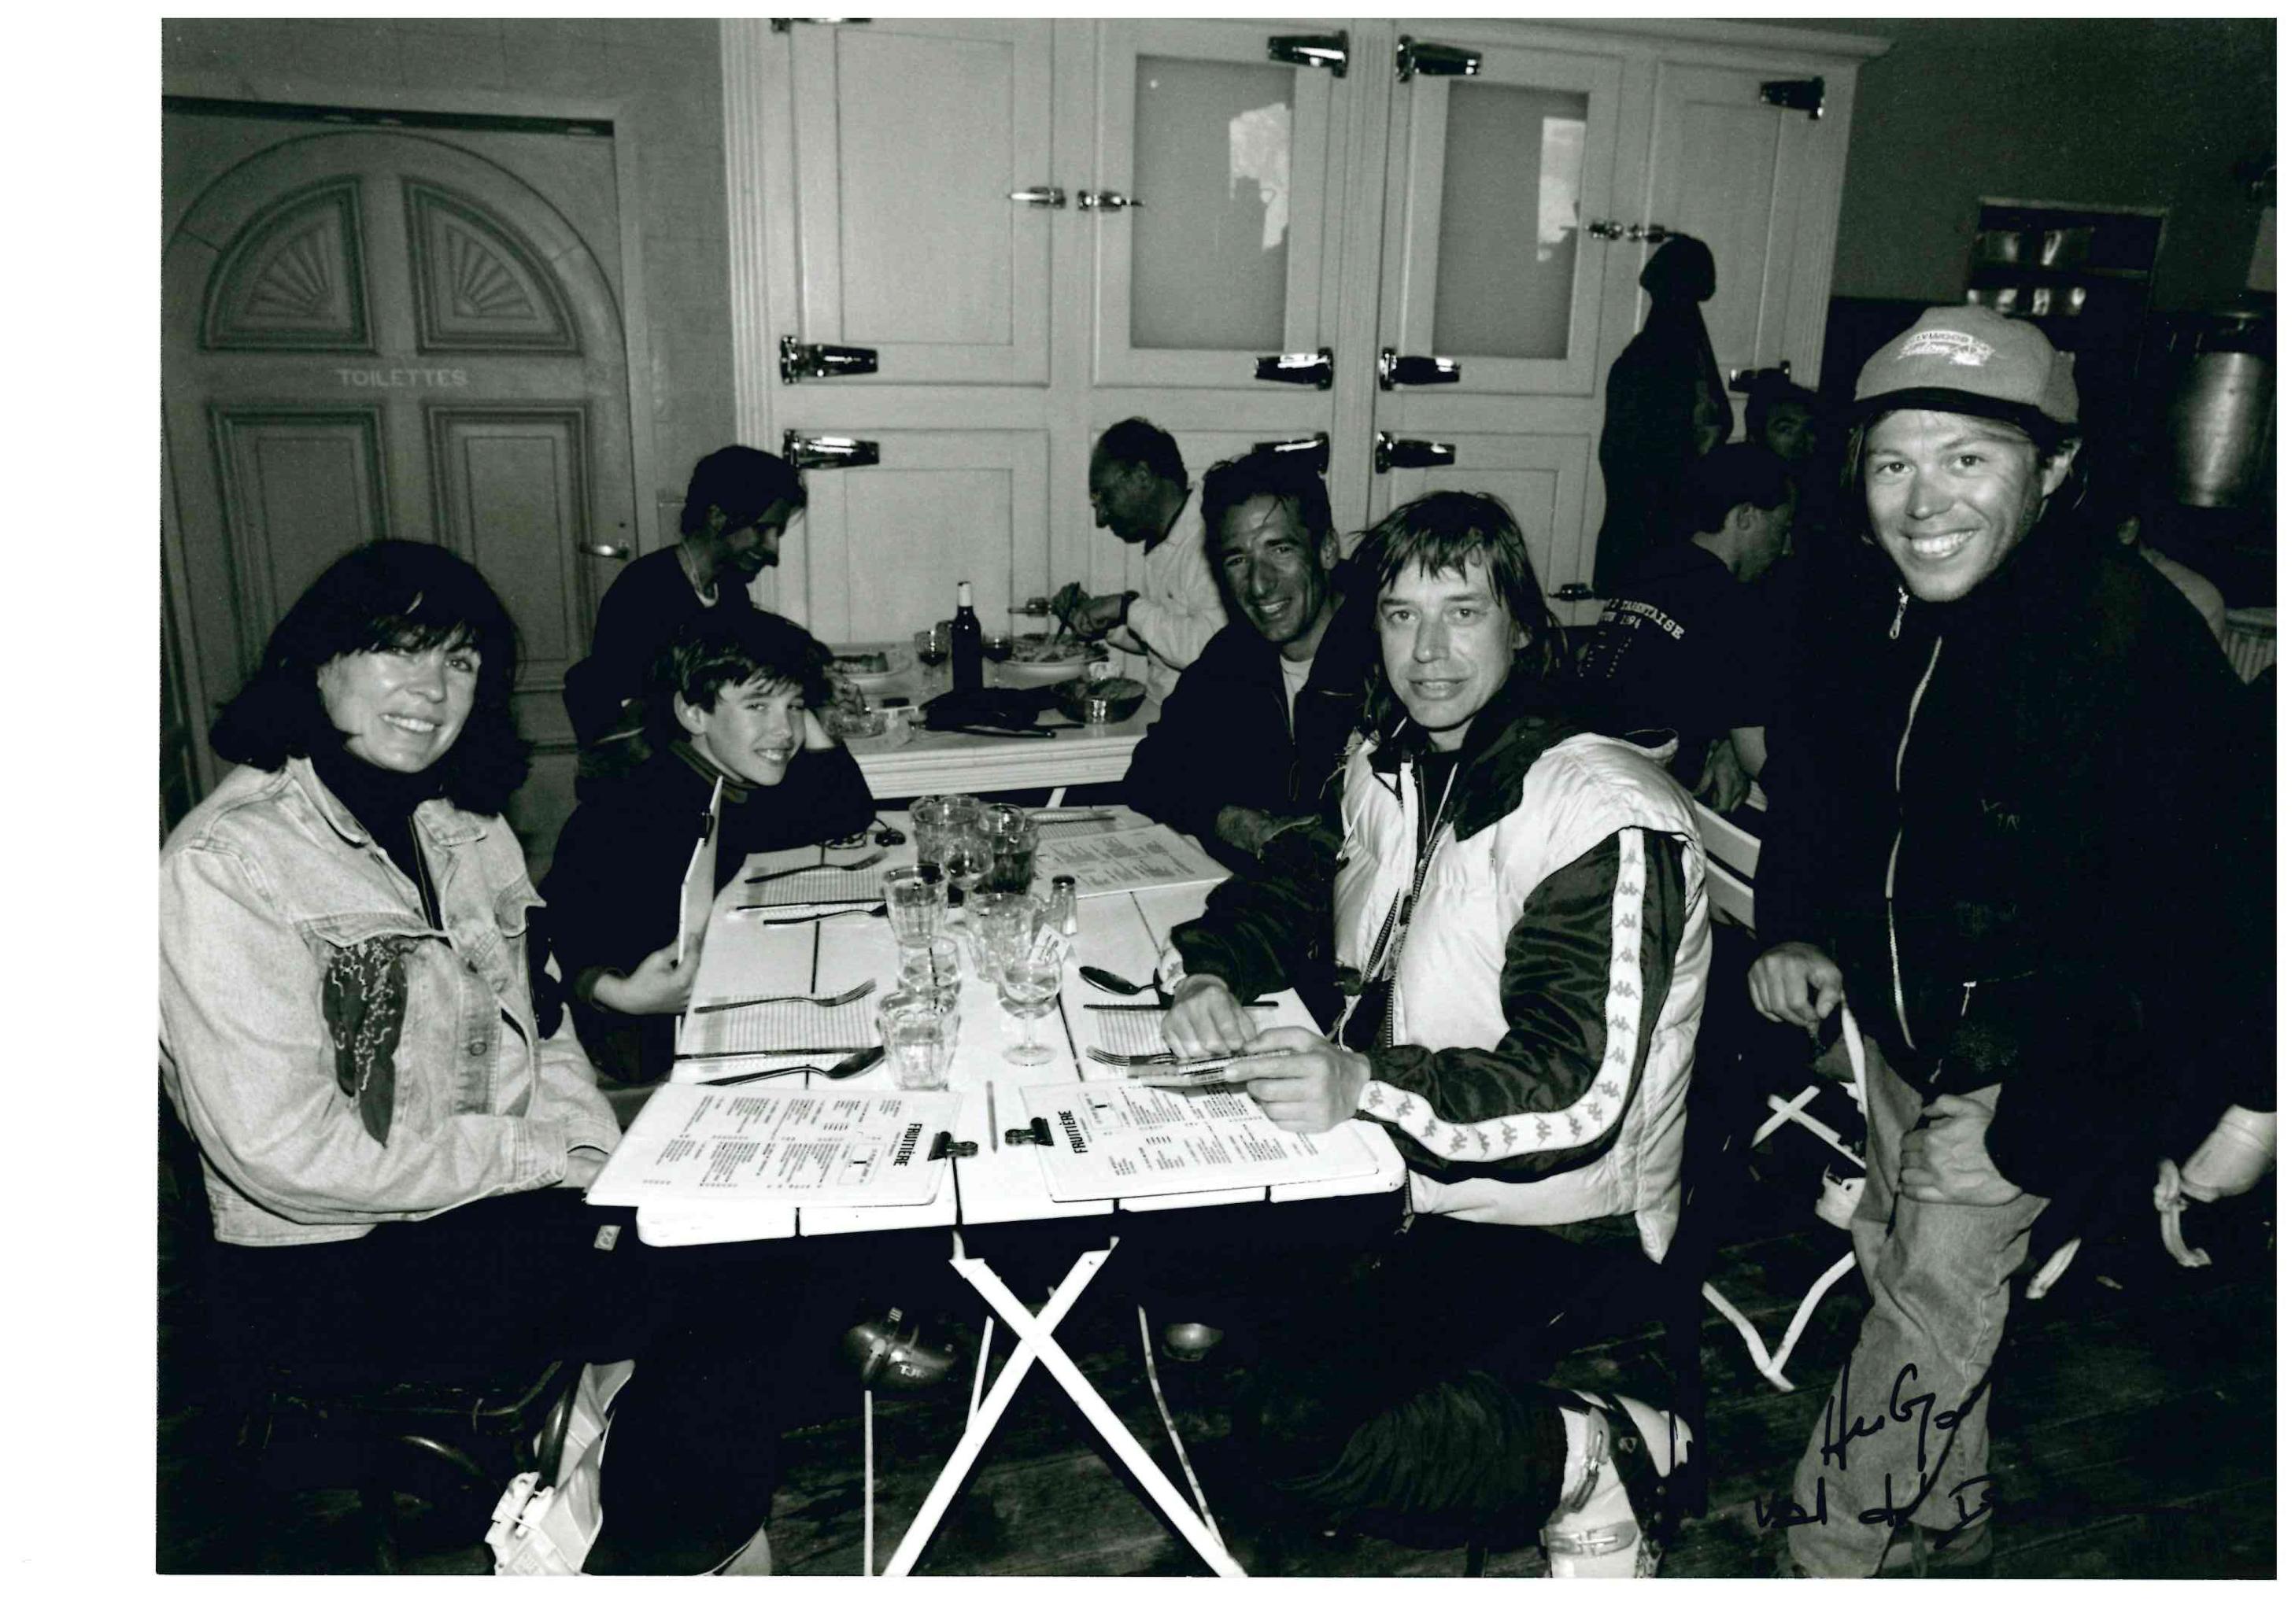 JEAN LOUIS AUBERT ET SA FEMME, DEJEUNER A LA FRUTIIERE AVEC SON MONITEUR 1998